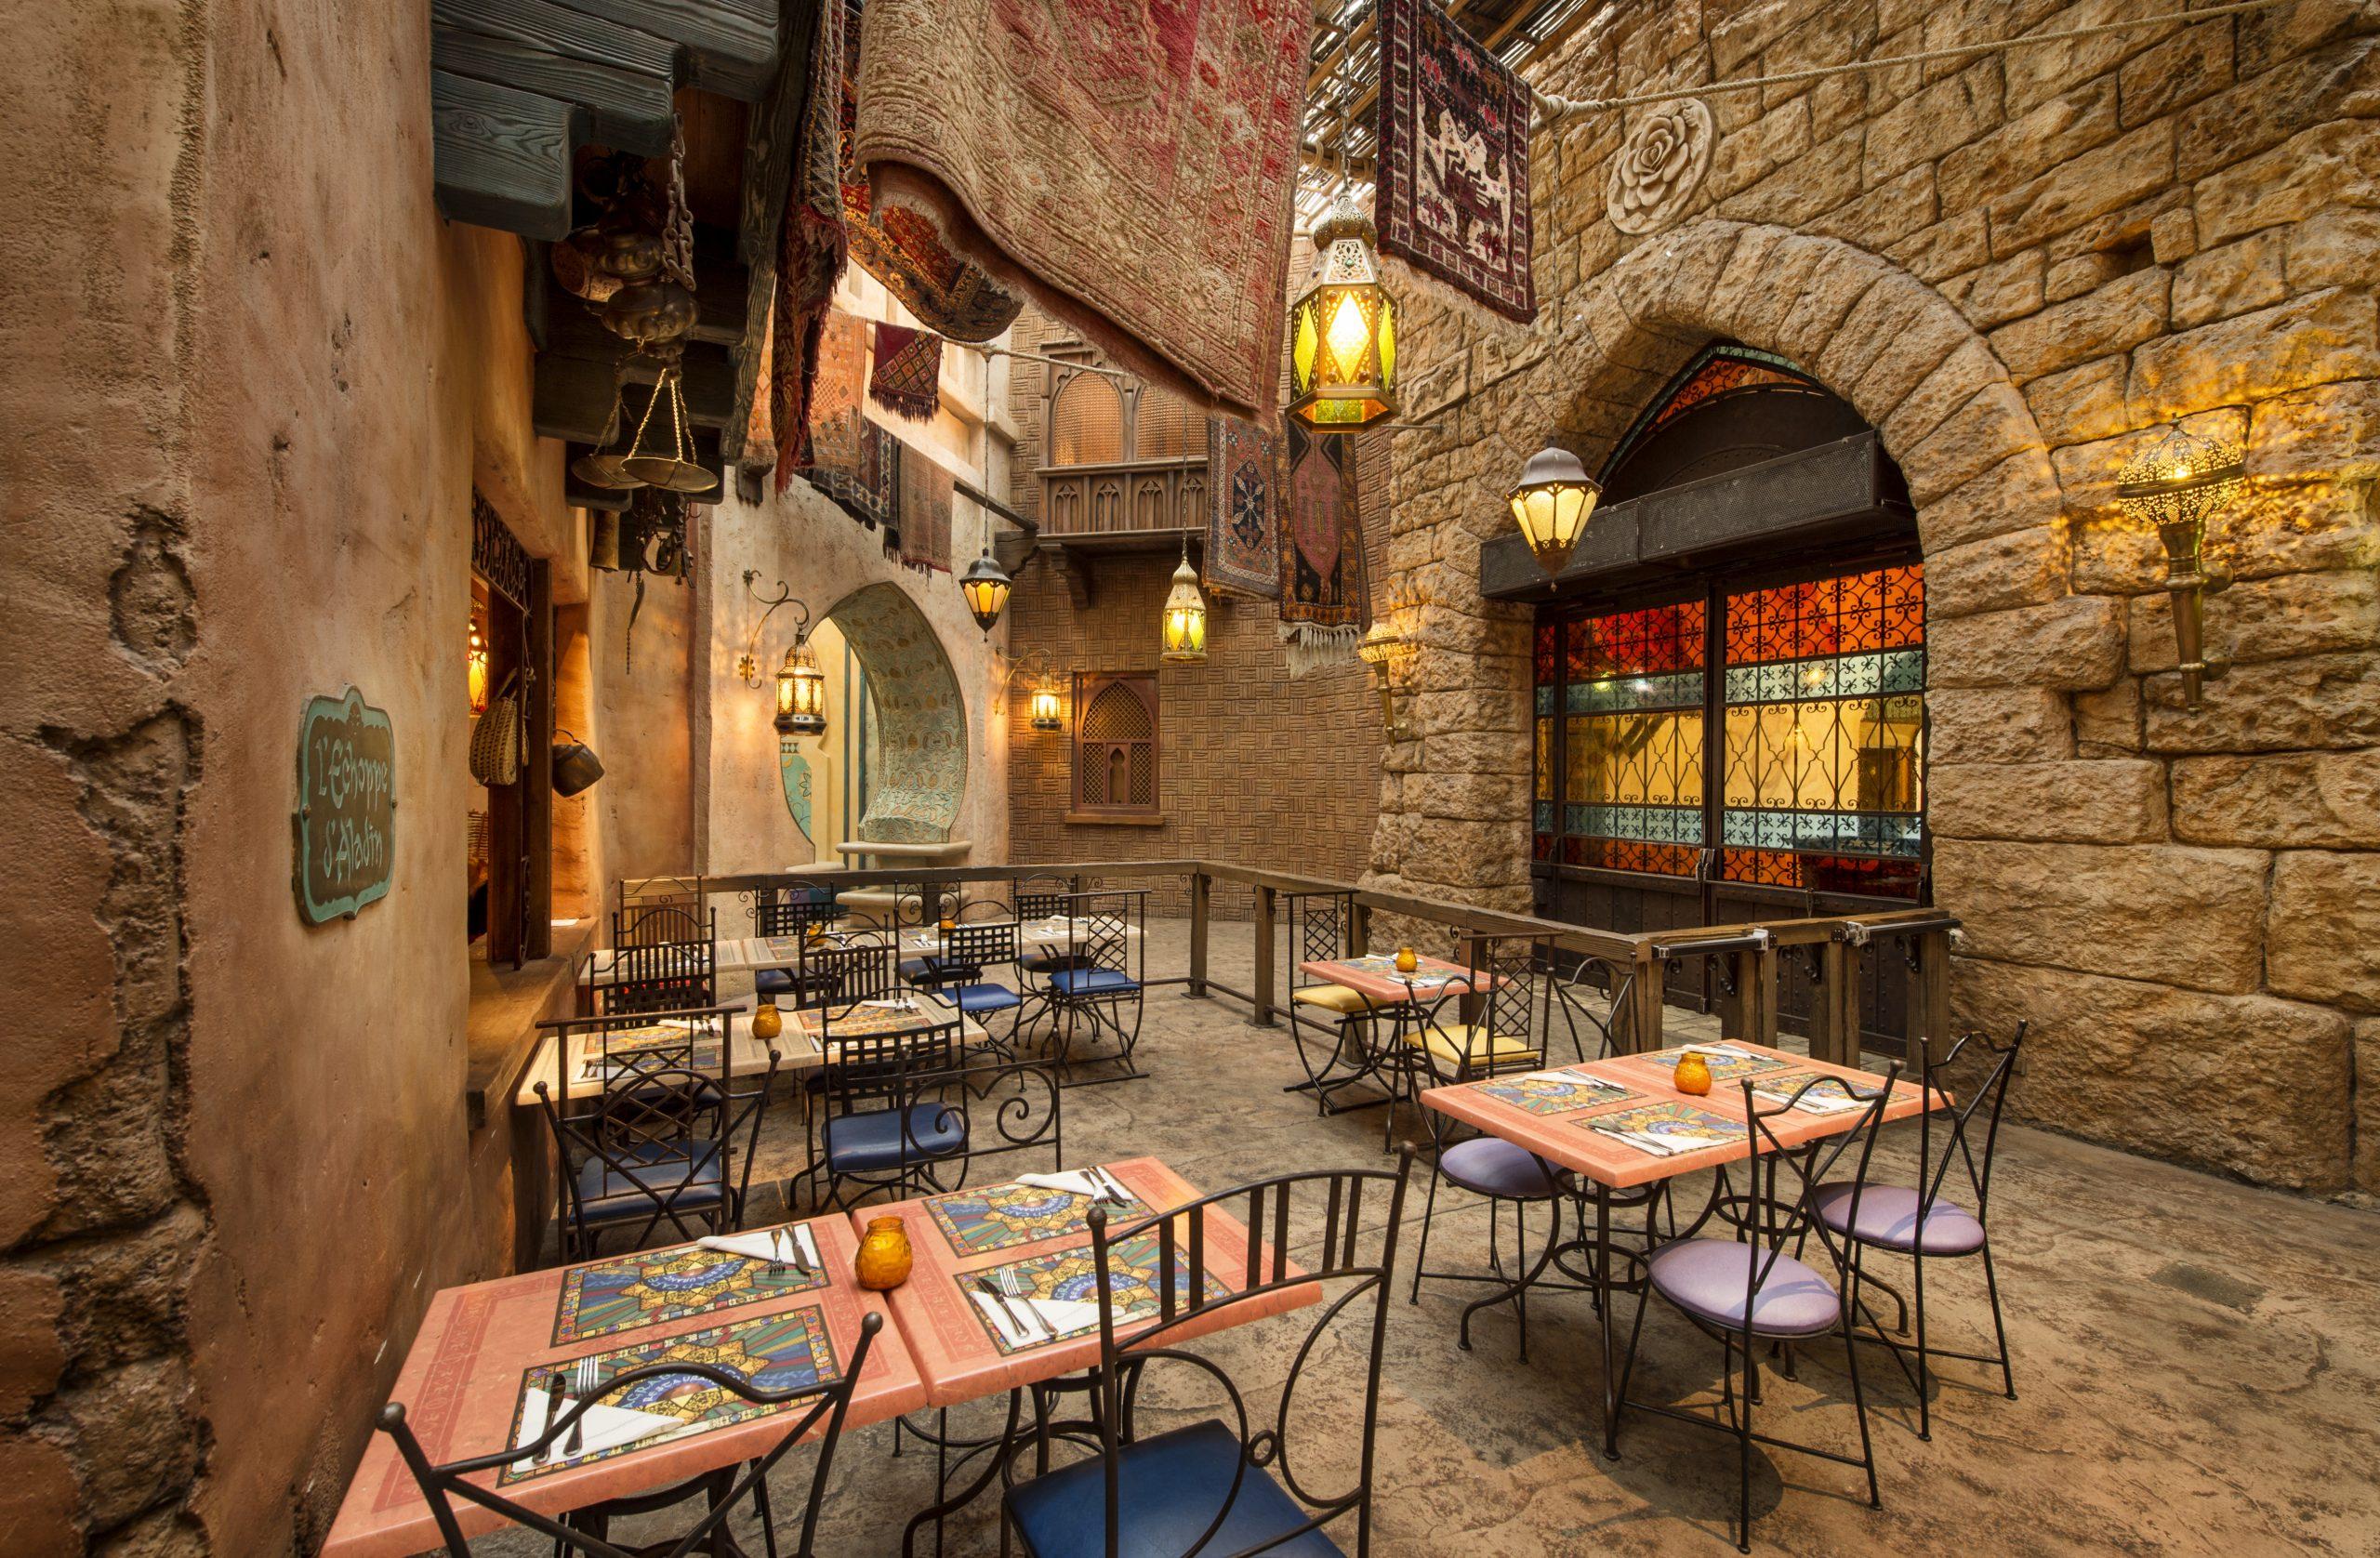 Restaurant Agrabah Café - intérieur avec tables